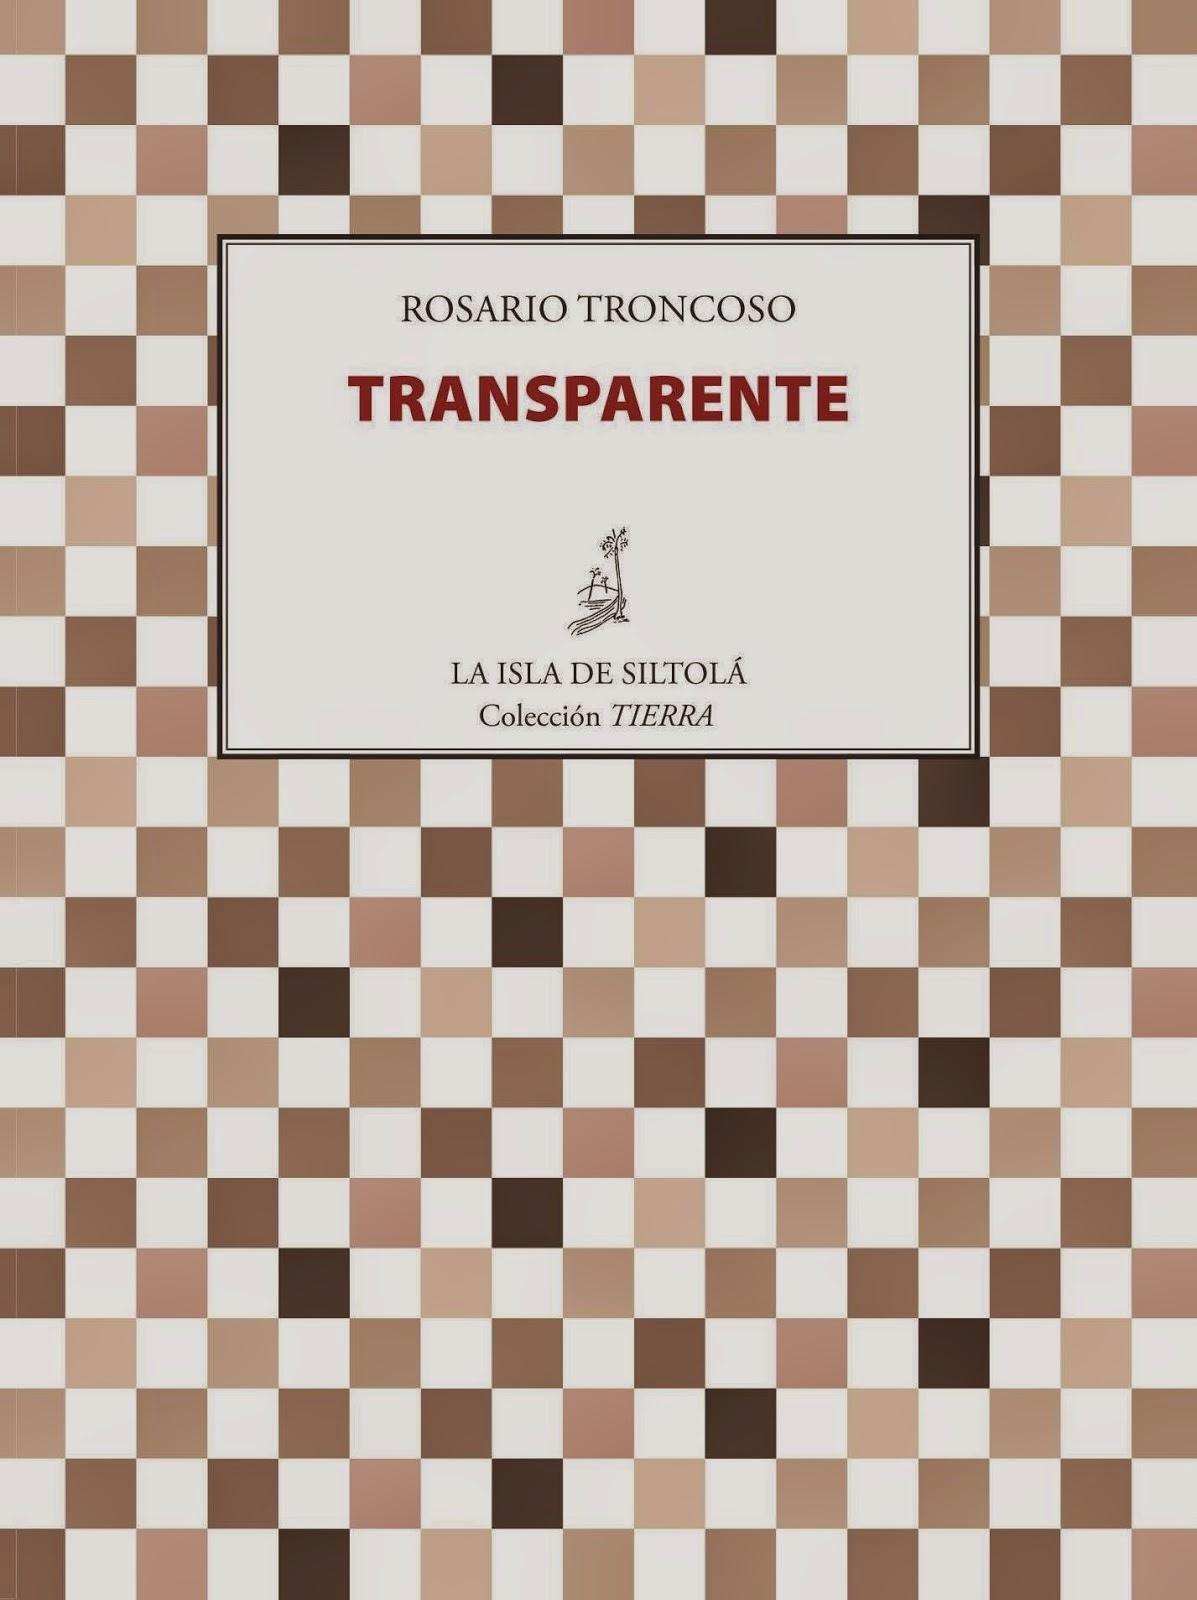 http://rondadellibro.blogspot.com.es/2014/12/lograda-transparencia.html